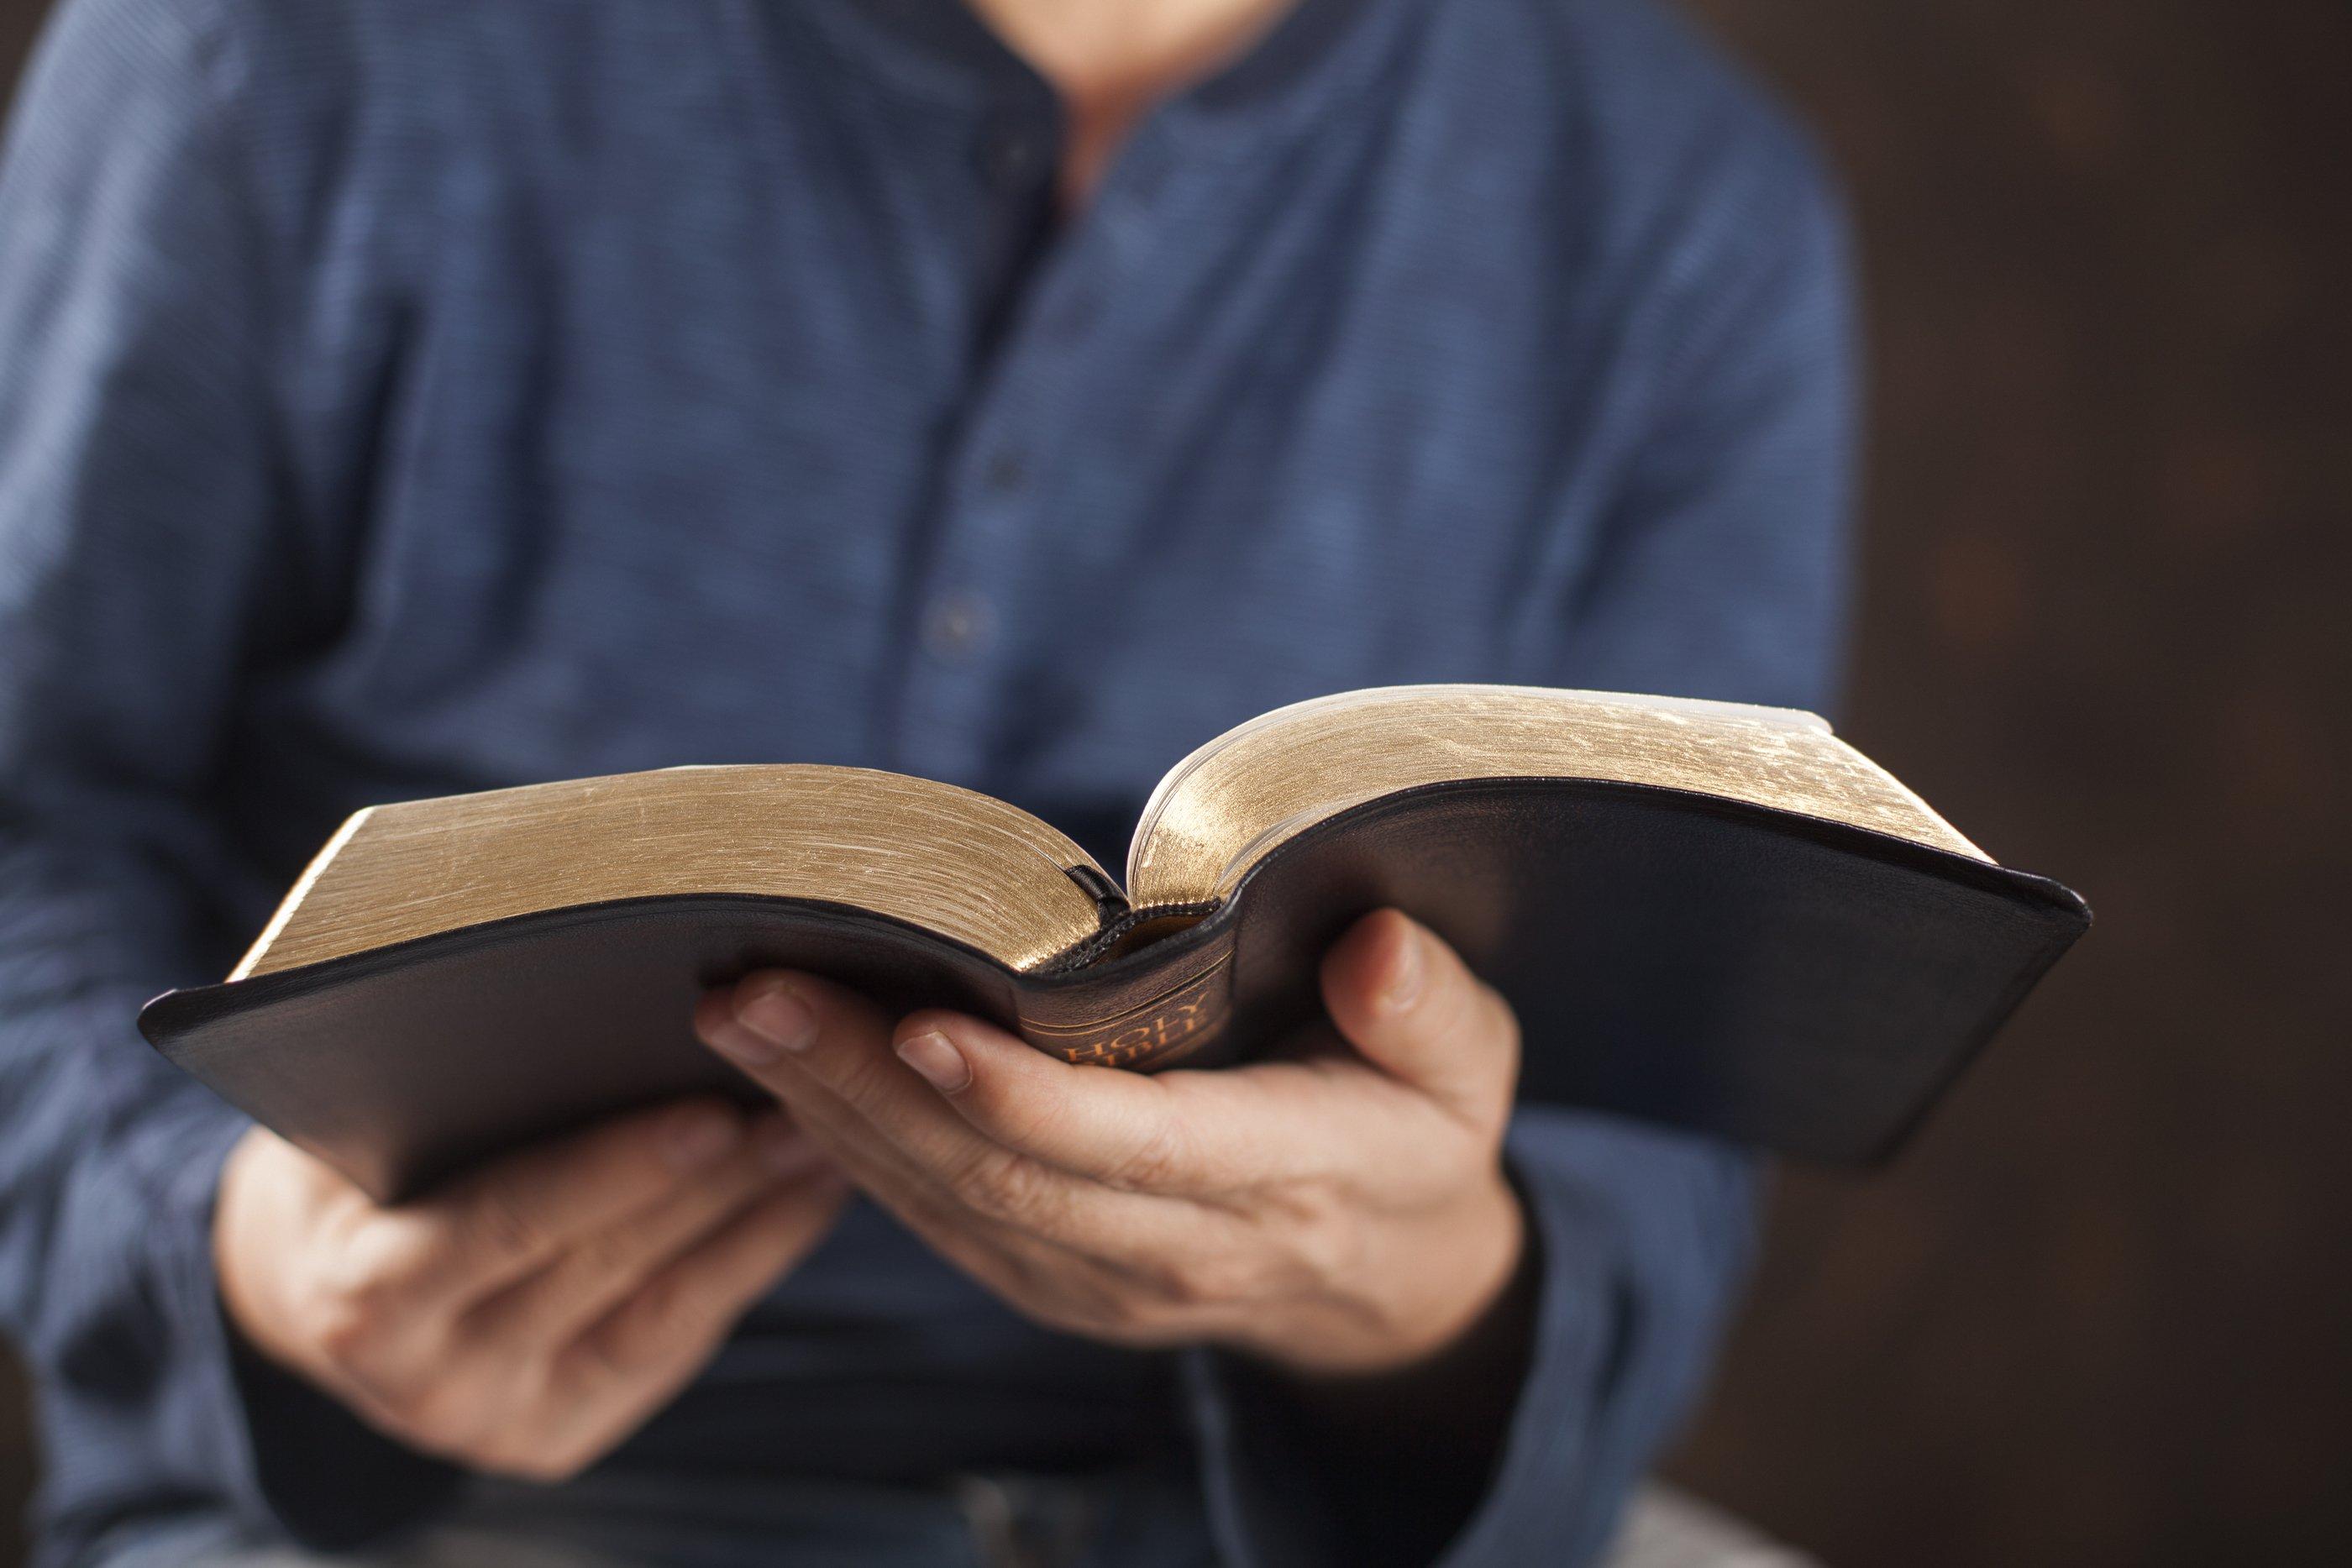 Leitura da Bíblia antes das sessões legislativas é inconstitucional, diz tribunal de SP